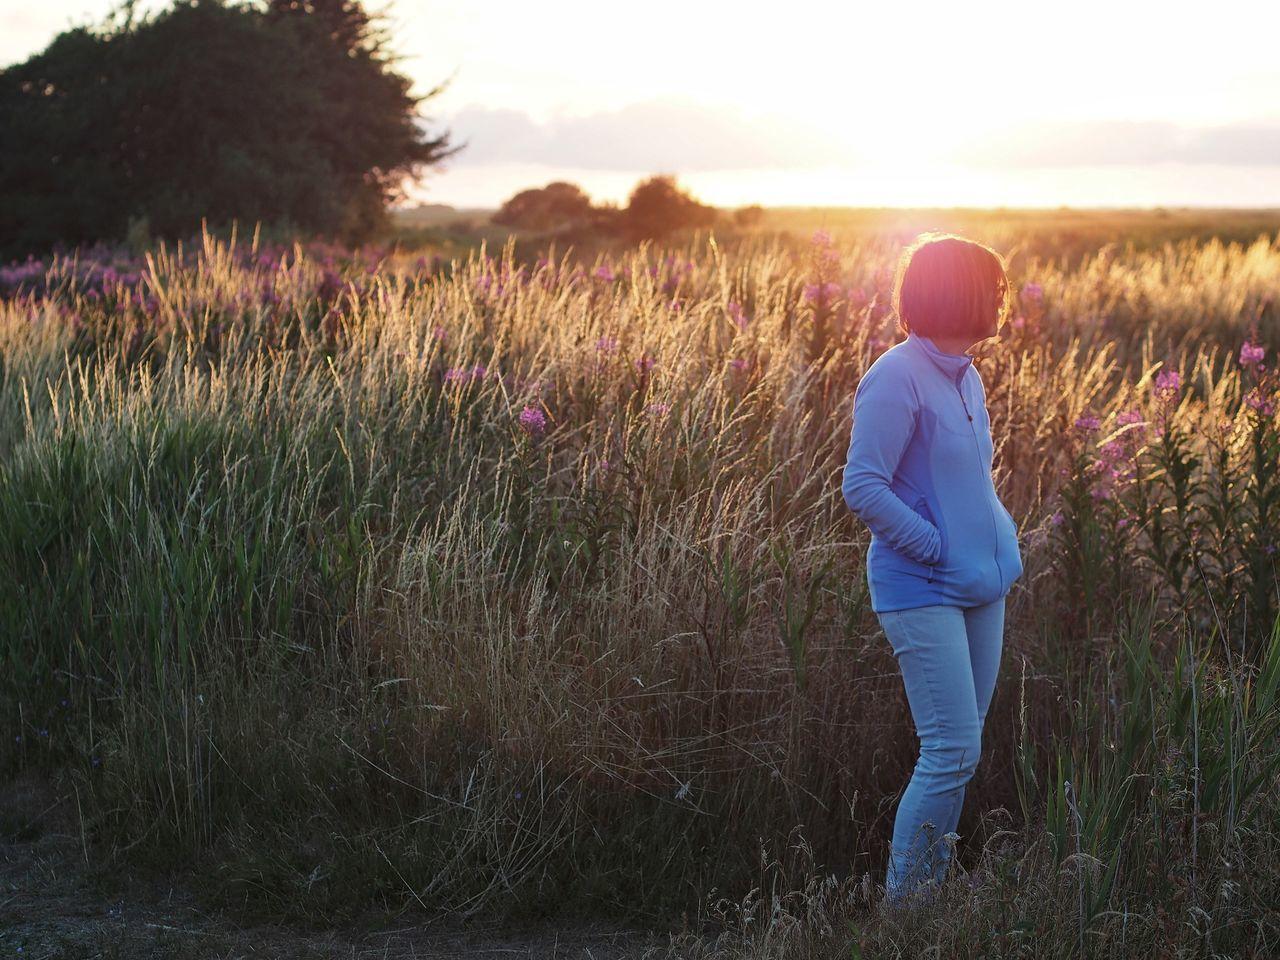 Evening Sky Gjellerodde Lemvig Sunset Silhouettes M.Zuiko 45mm 1:1,8